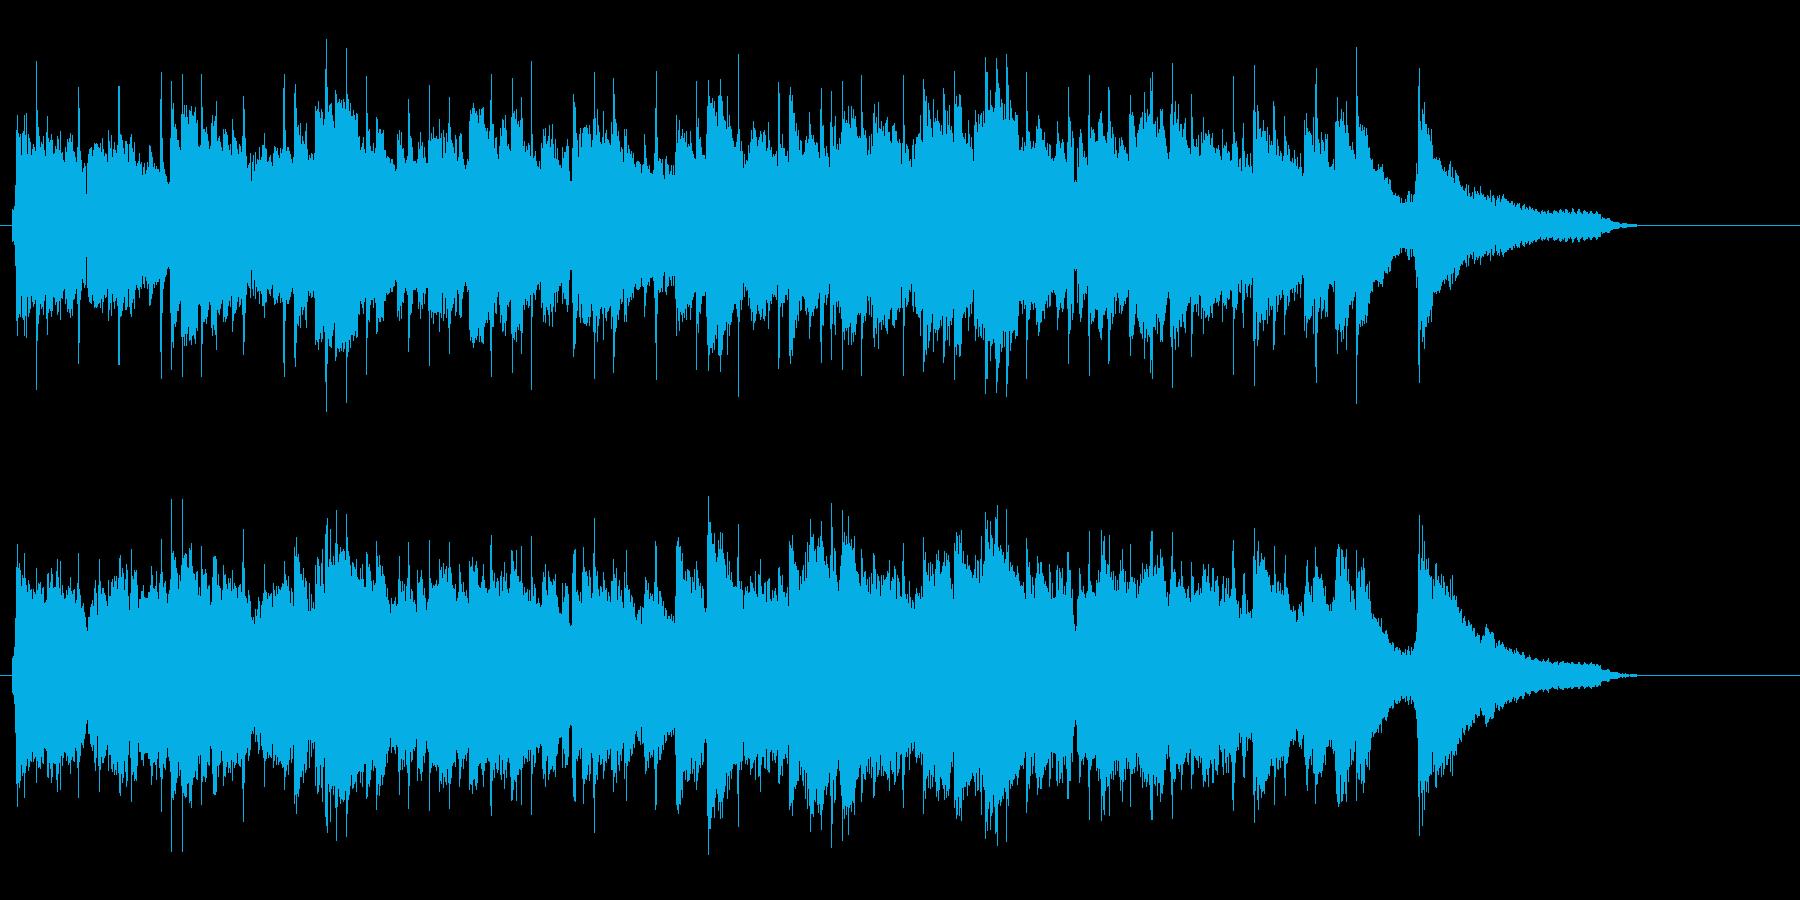 ハーモニカをフィーチャーしたカントリー調の再生済みの波形